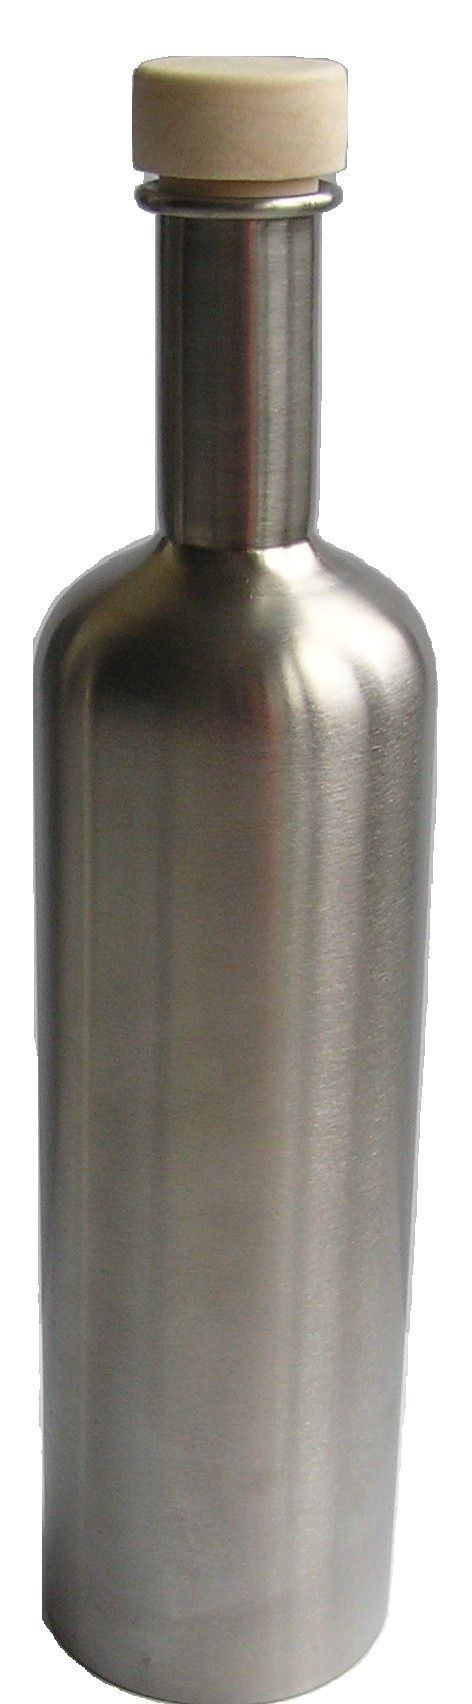 Botella para agua de acero inoxidable de 500 ml., ideal para transportarla en mochilas o bolsos ya que son muy ligeras o para usarla en casa o en la oficina. Higiénica, elegante y duradera, con estas botellas evitamos así el uso de botellas de plástico sin peligro de que se rompan al caer al suelo.